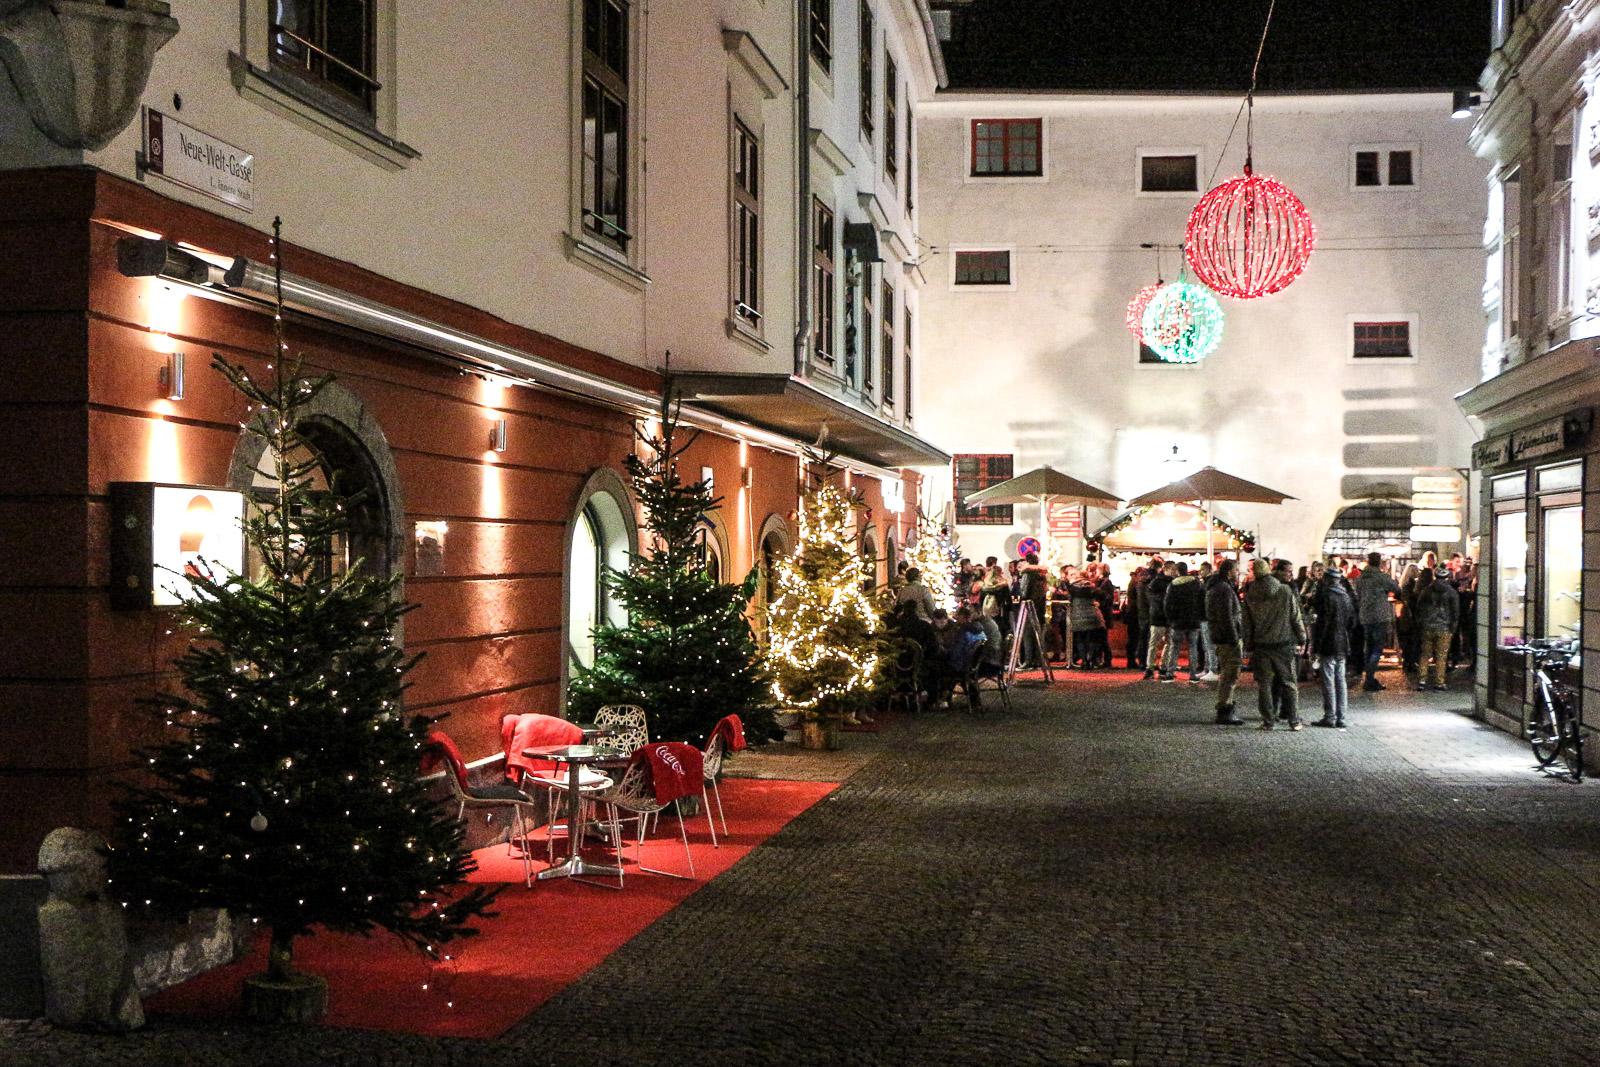 LIFESTYLE Adventszeit in Graz - Weihnachtsmärkte, Miss Classy, Lifestyle Blog Graz, classy, Christkindlmarkt, Weihnachtsmarkt, Graz, Glühwein, Punsch, Advent in Graz, Weihnachtsmarkt am Franziskanerplatz